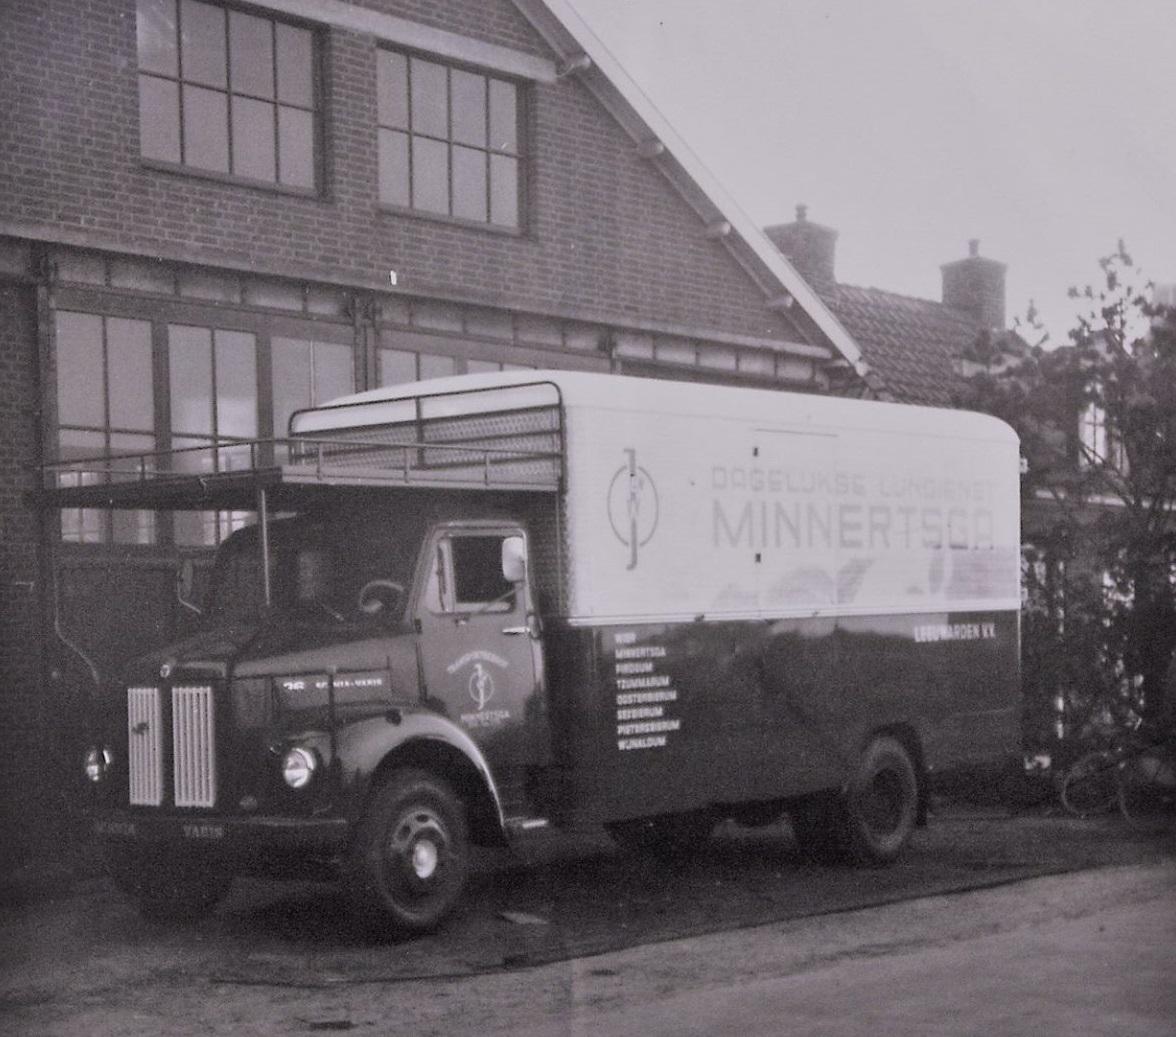 foto-van-Scania-36-van-Joostema-en-wijgaarden-uit-Minnertsga-gebouwd-door-Rondaan-in-Beetgum-1